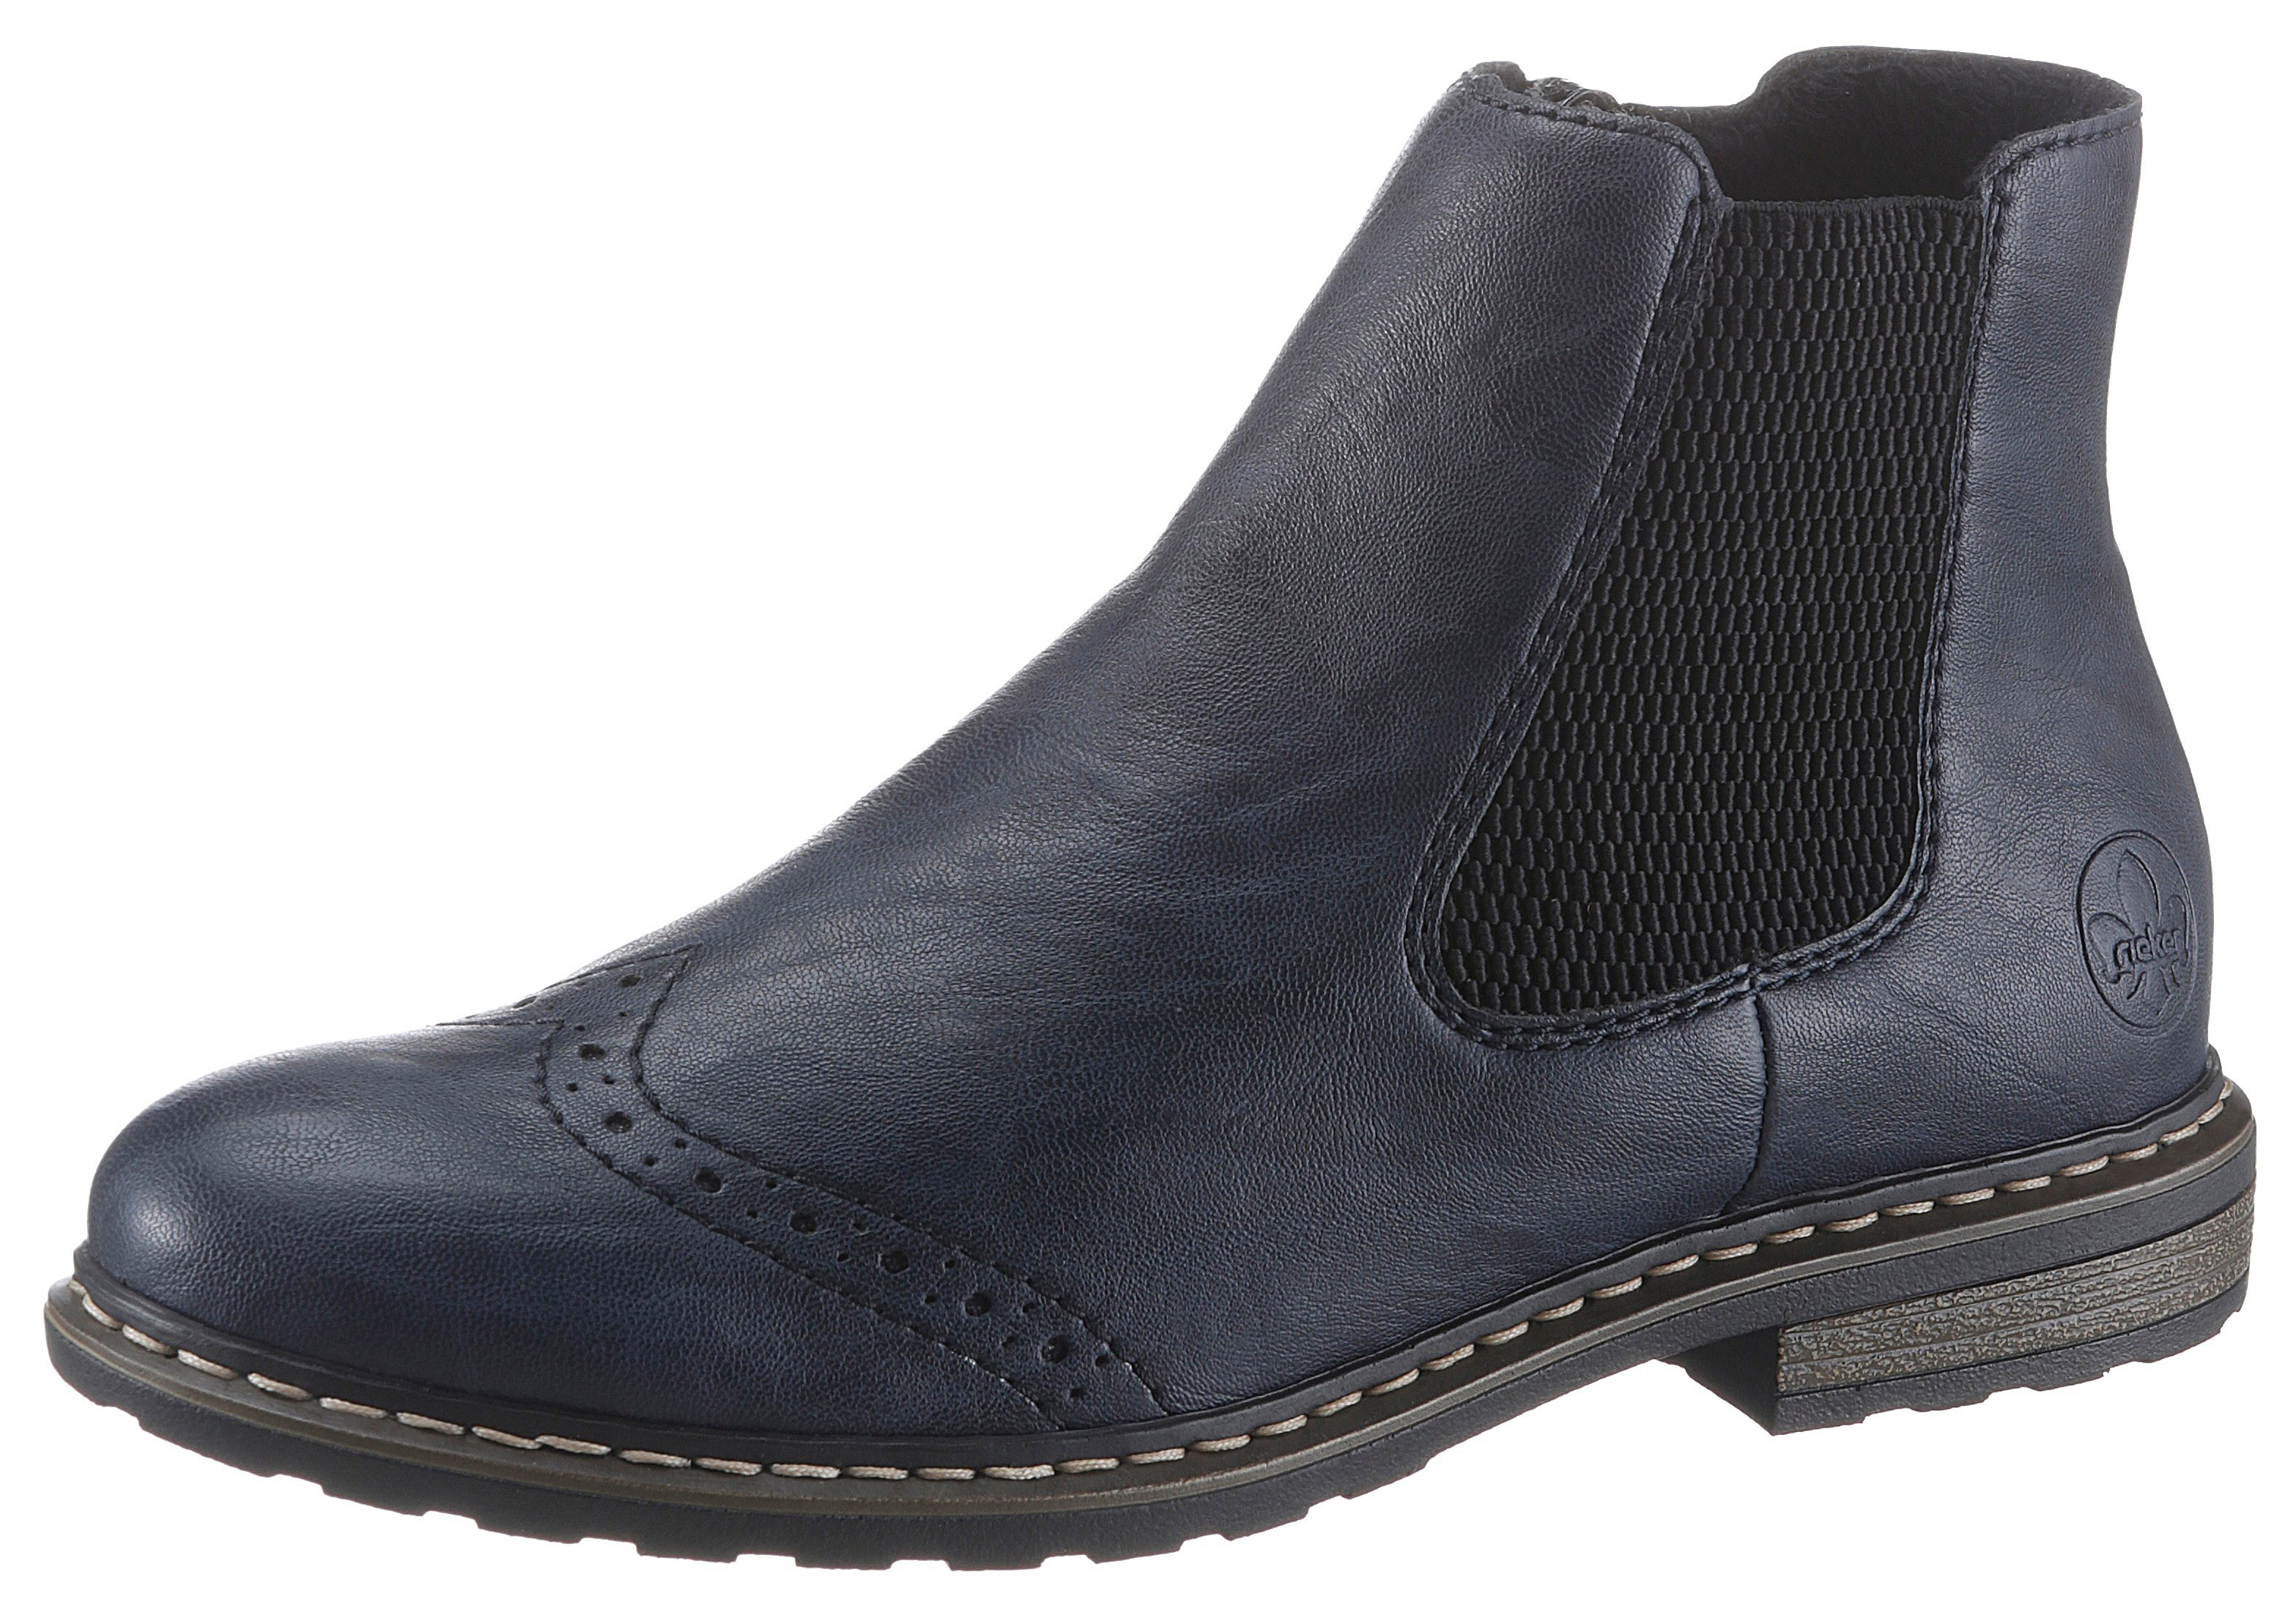 Rieker Chelsea-boots met lyra-perforaties bestellen: 30 dagen bedenktijd